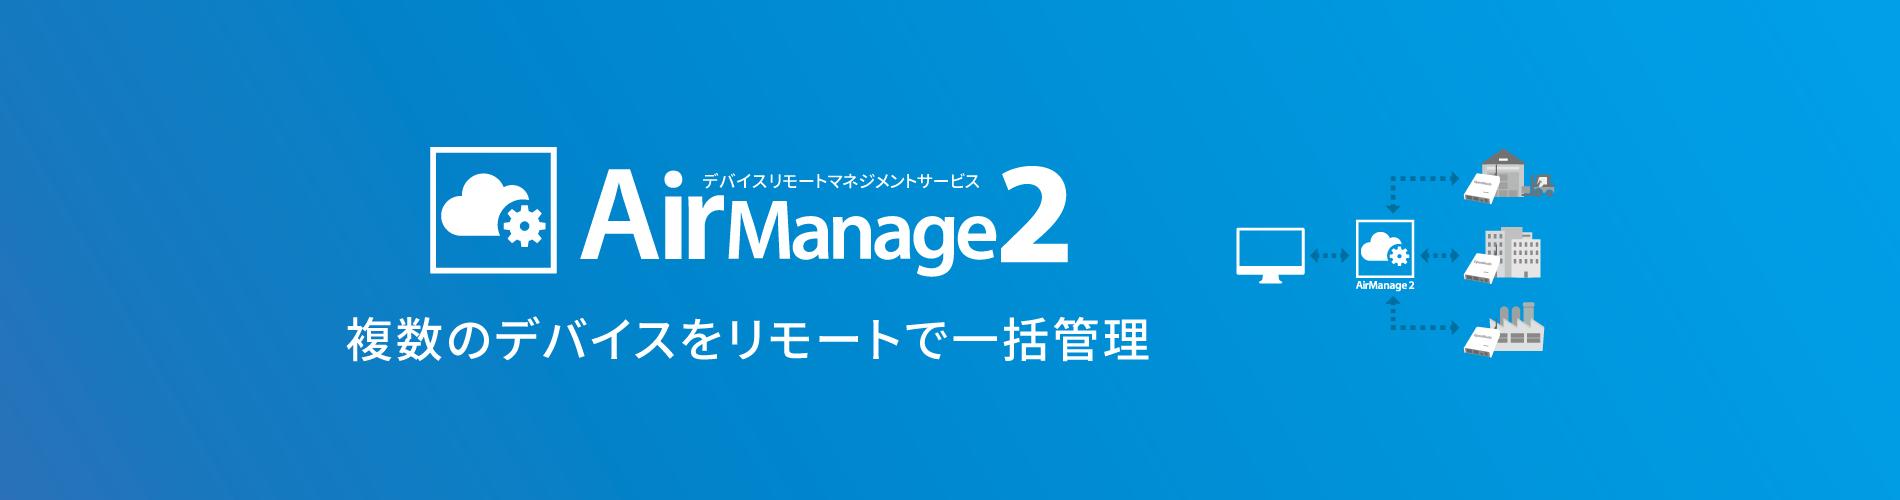 デバイスリモートマネジメントサービス AirManage 2 複数のデバイスをリモートで一括管理